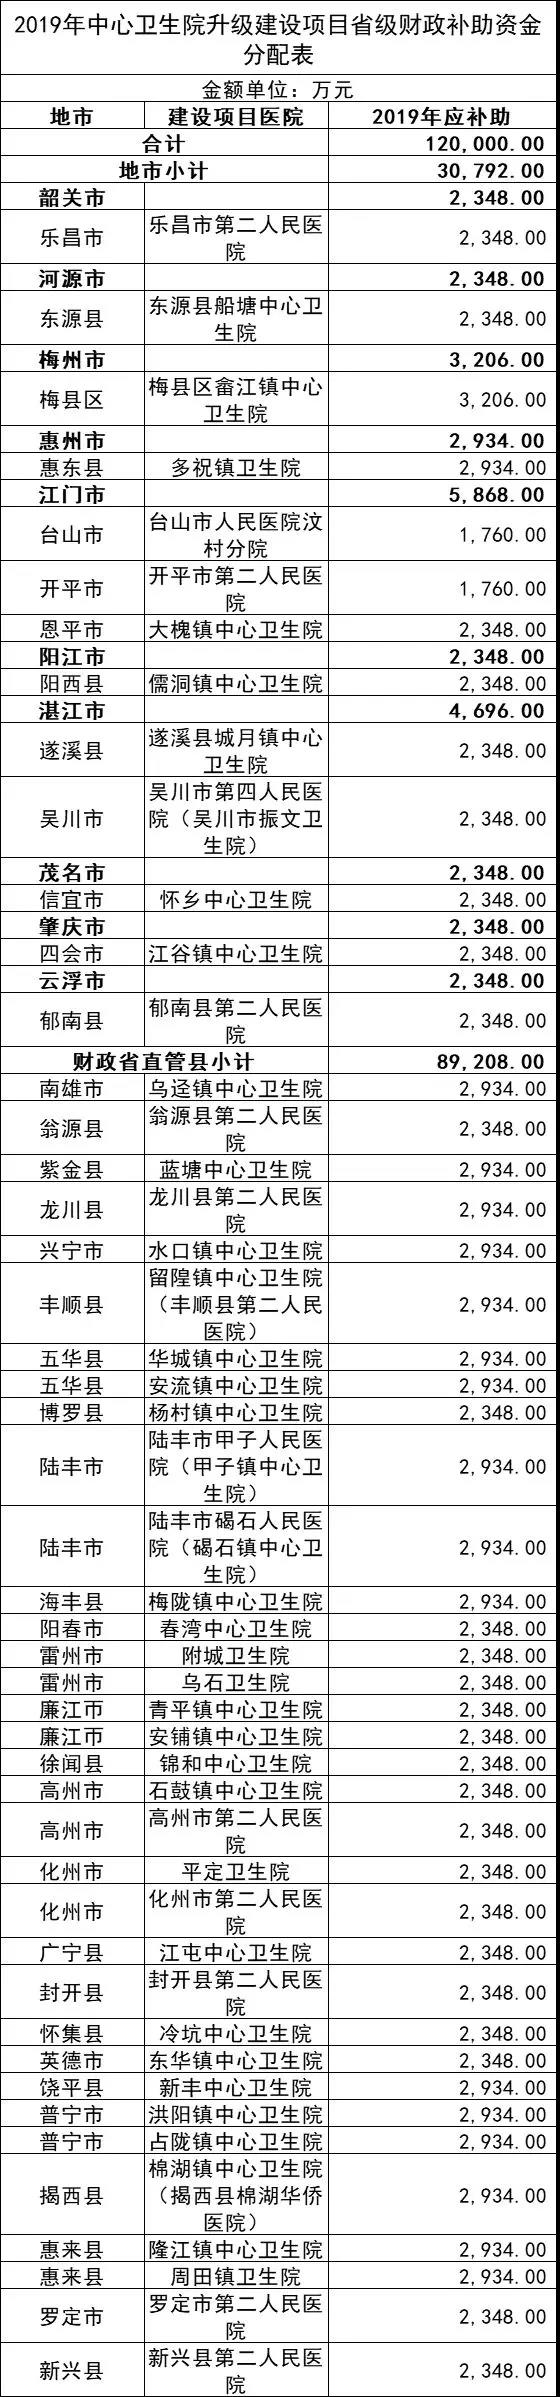 2019年县级公立医院升级建设项目绩效目标表